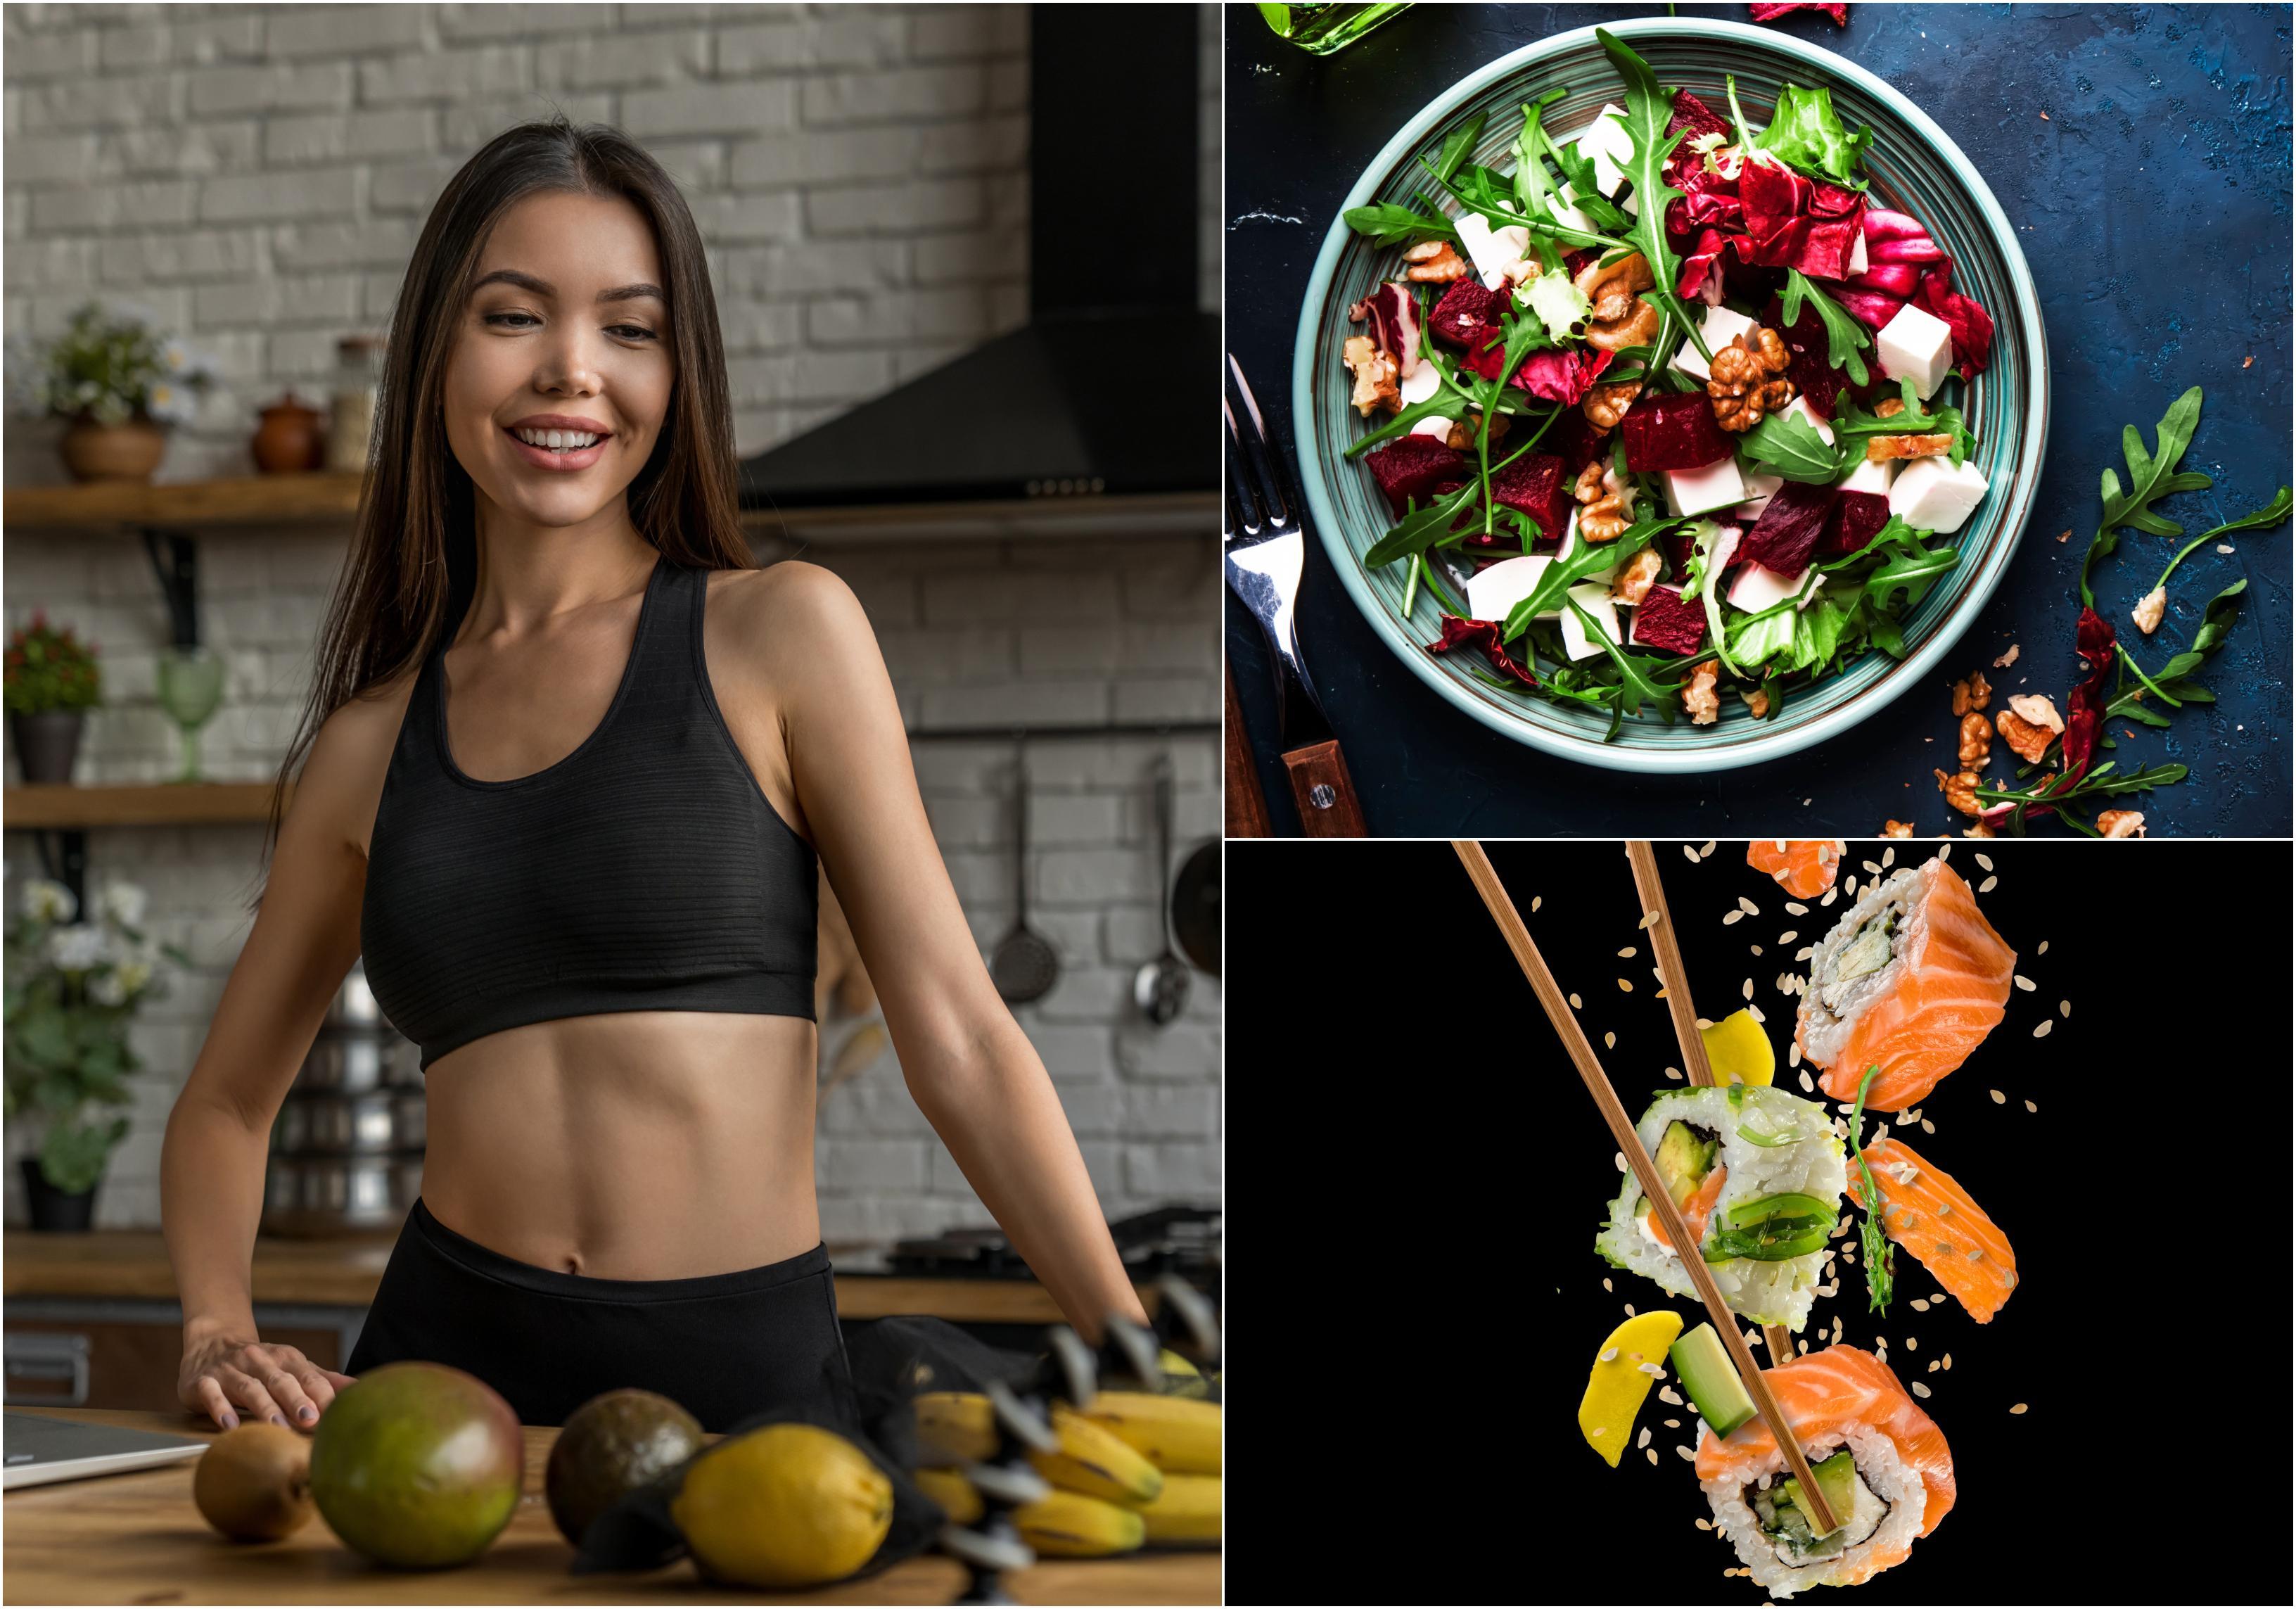 Cât de ușor este să ai un stil de viață sănătos în zilele noastre?